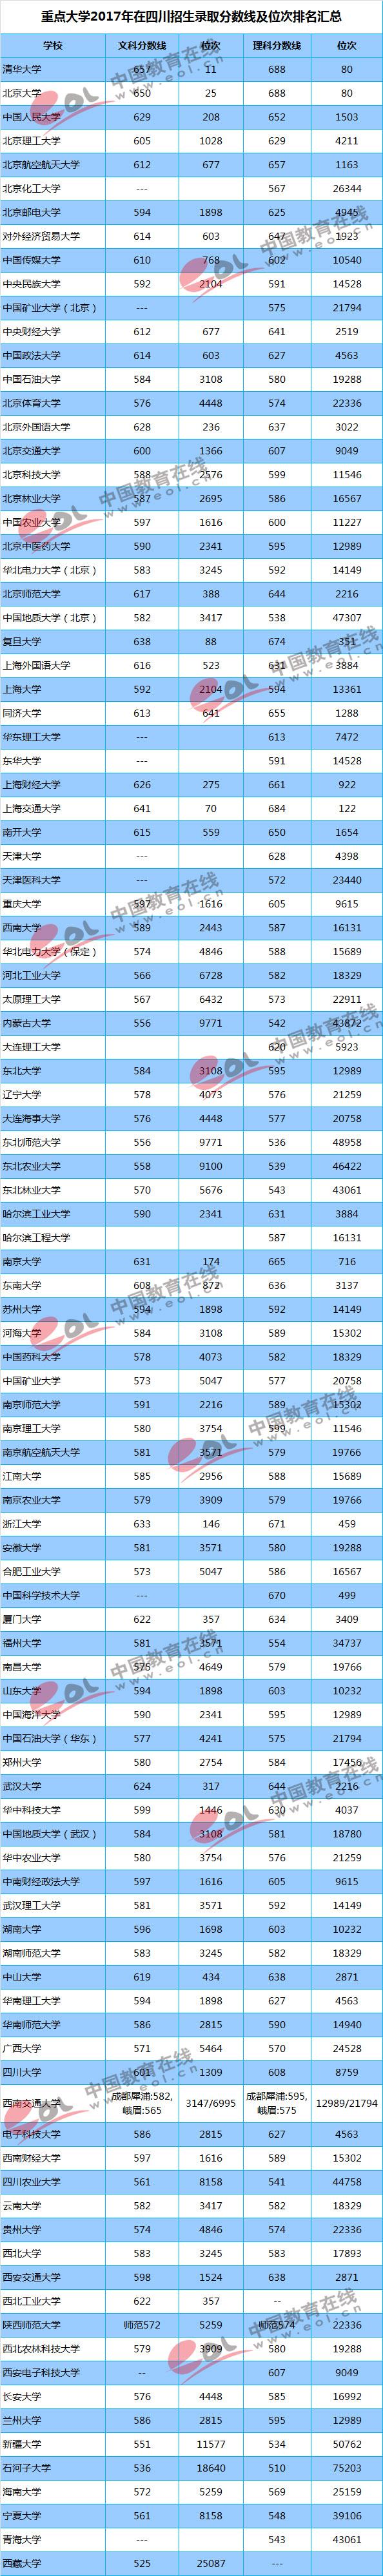 2017重点大学在四川招生录取分数线汇总